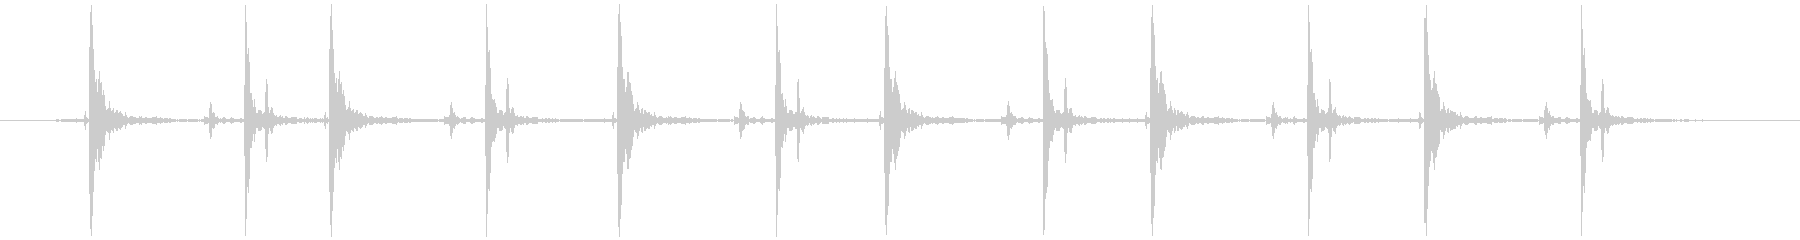 木のガラガラ(振る等 長め)カタカタカタの未再生の波形